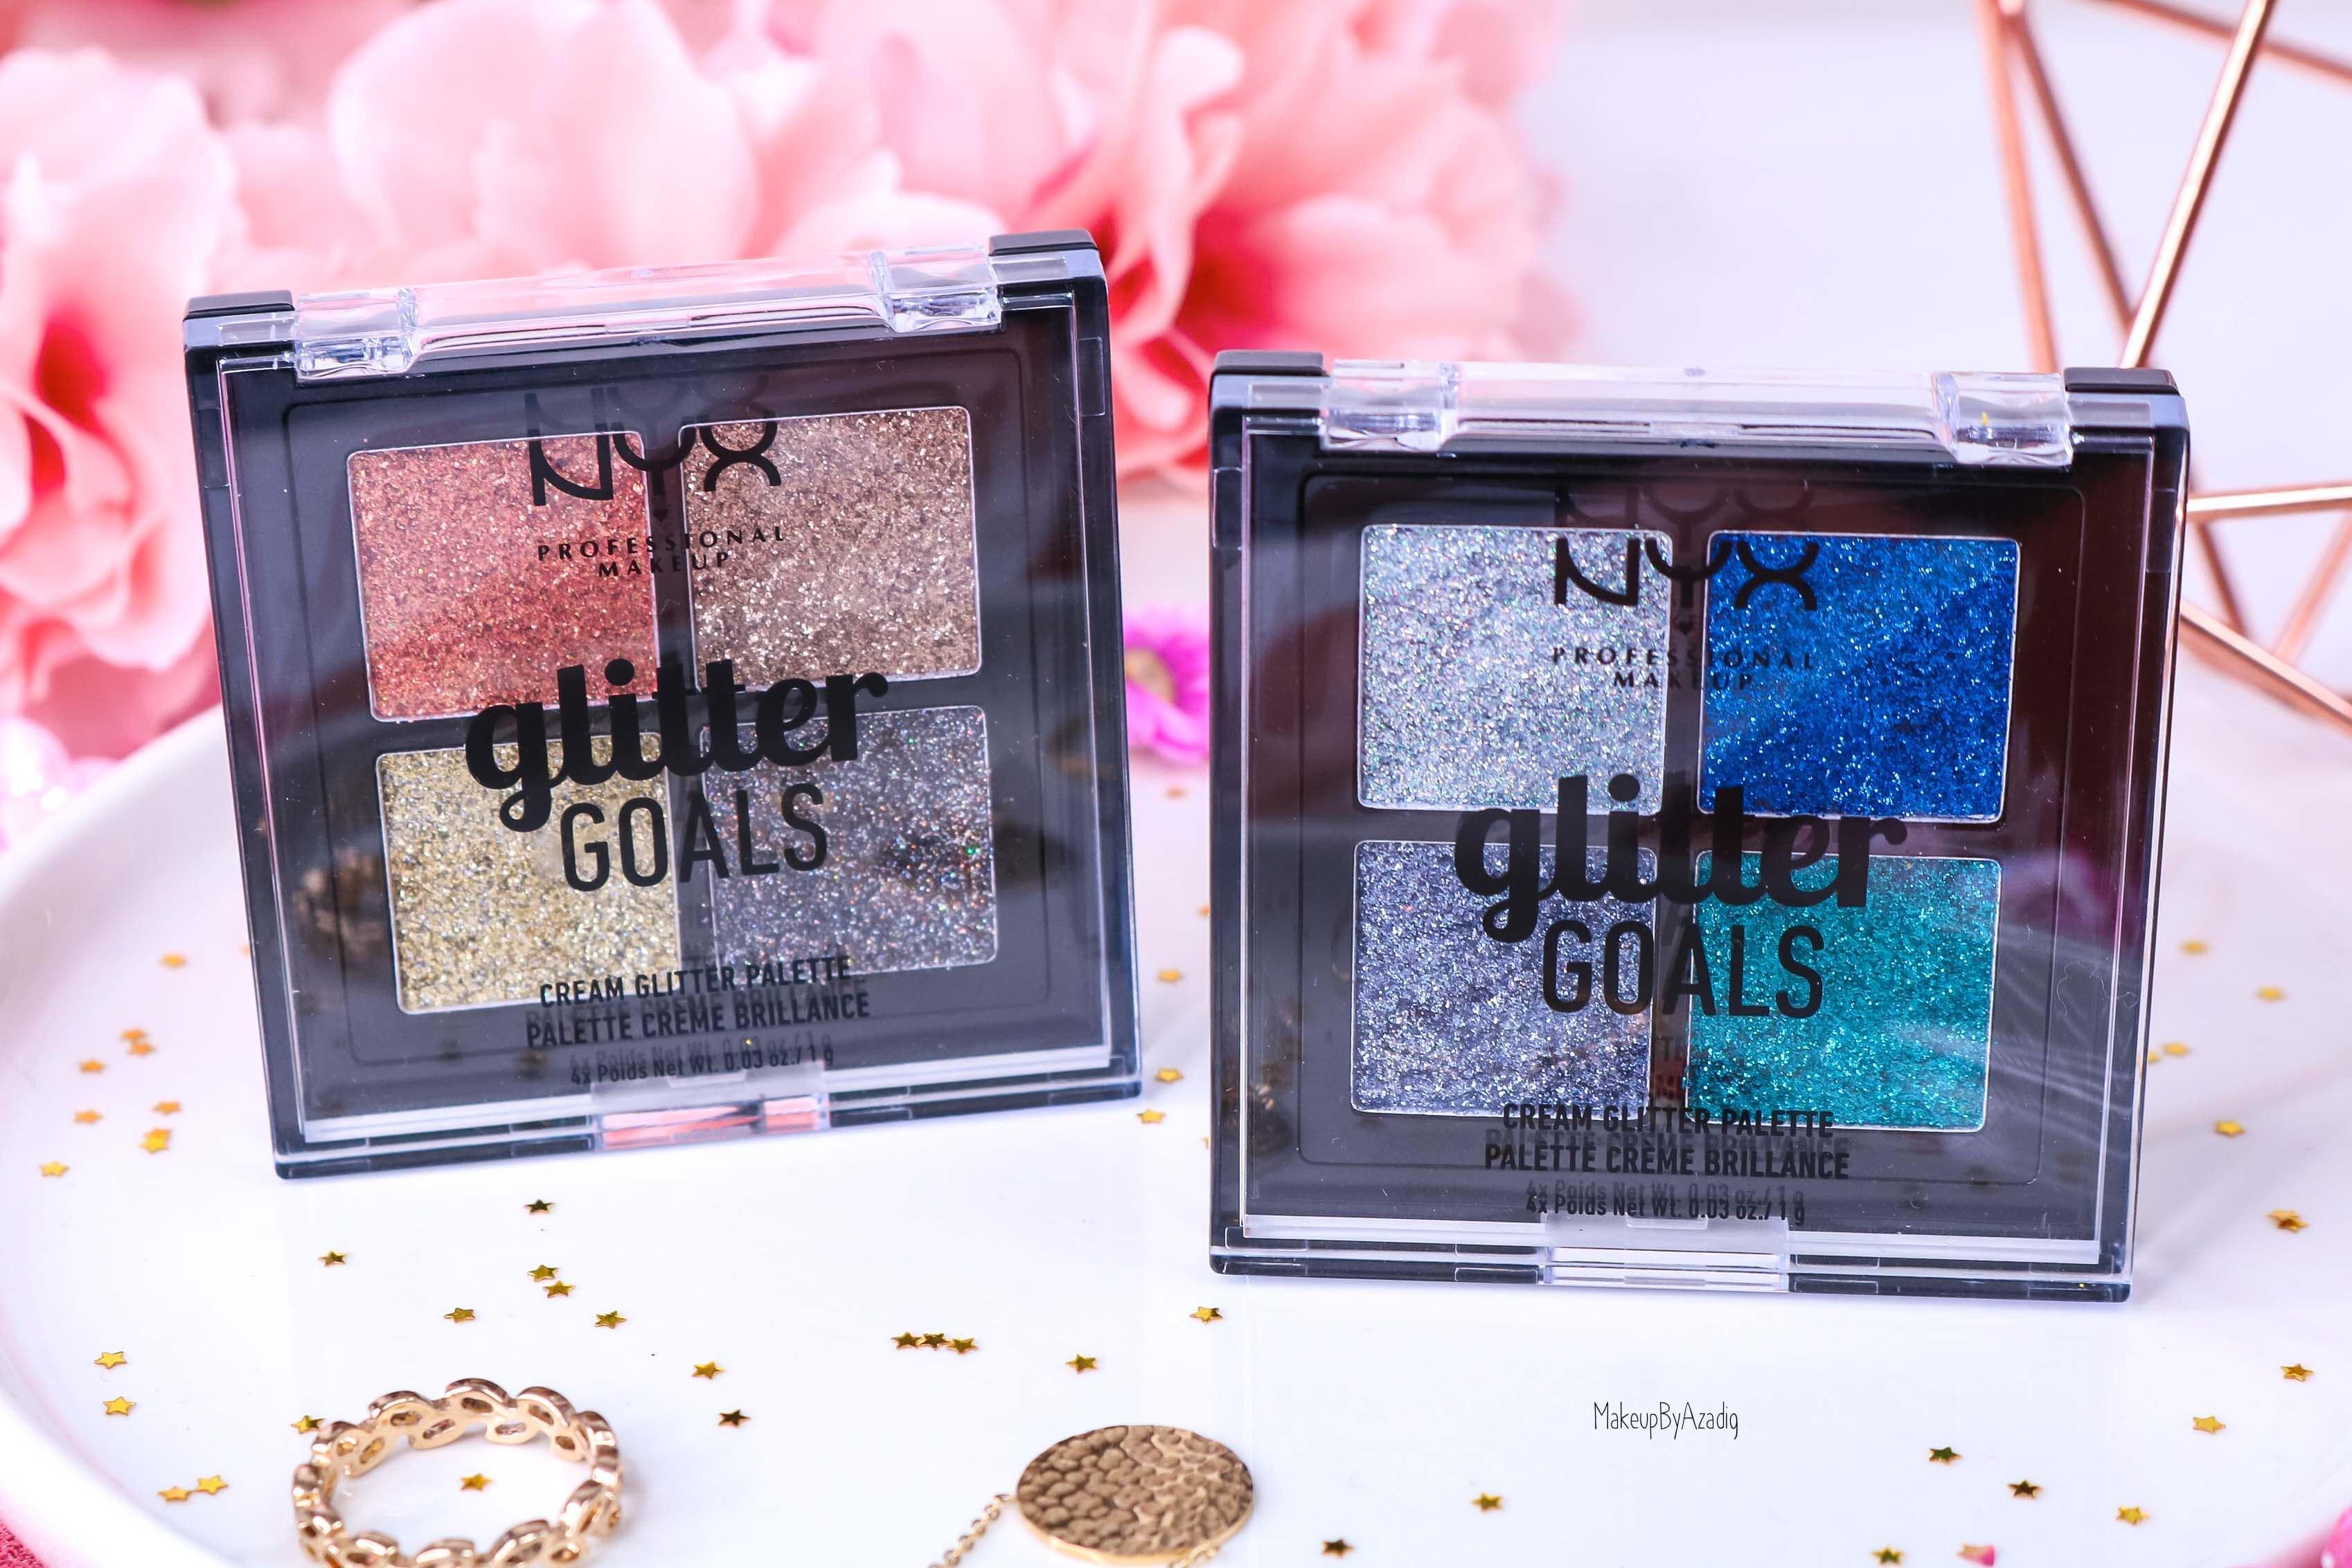 revue-palette-glitter-goals-nyx-professional-makeup-festival-coachella-avis-prix-paillette-makeupbyazadig-galactica-glacier-packaging